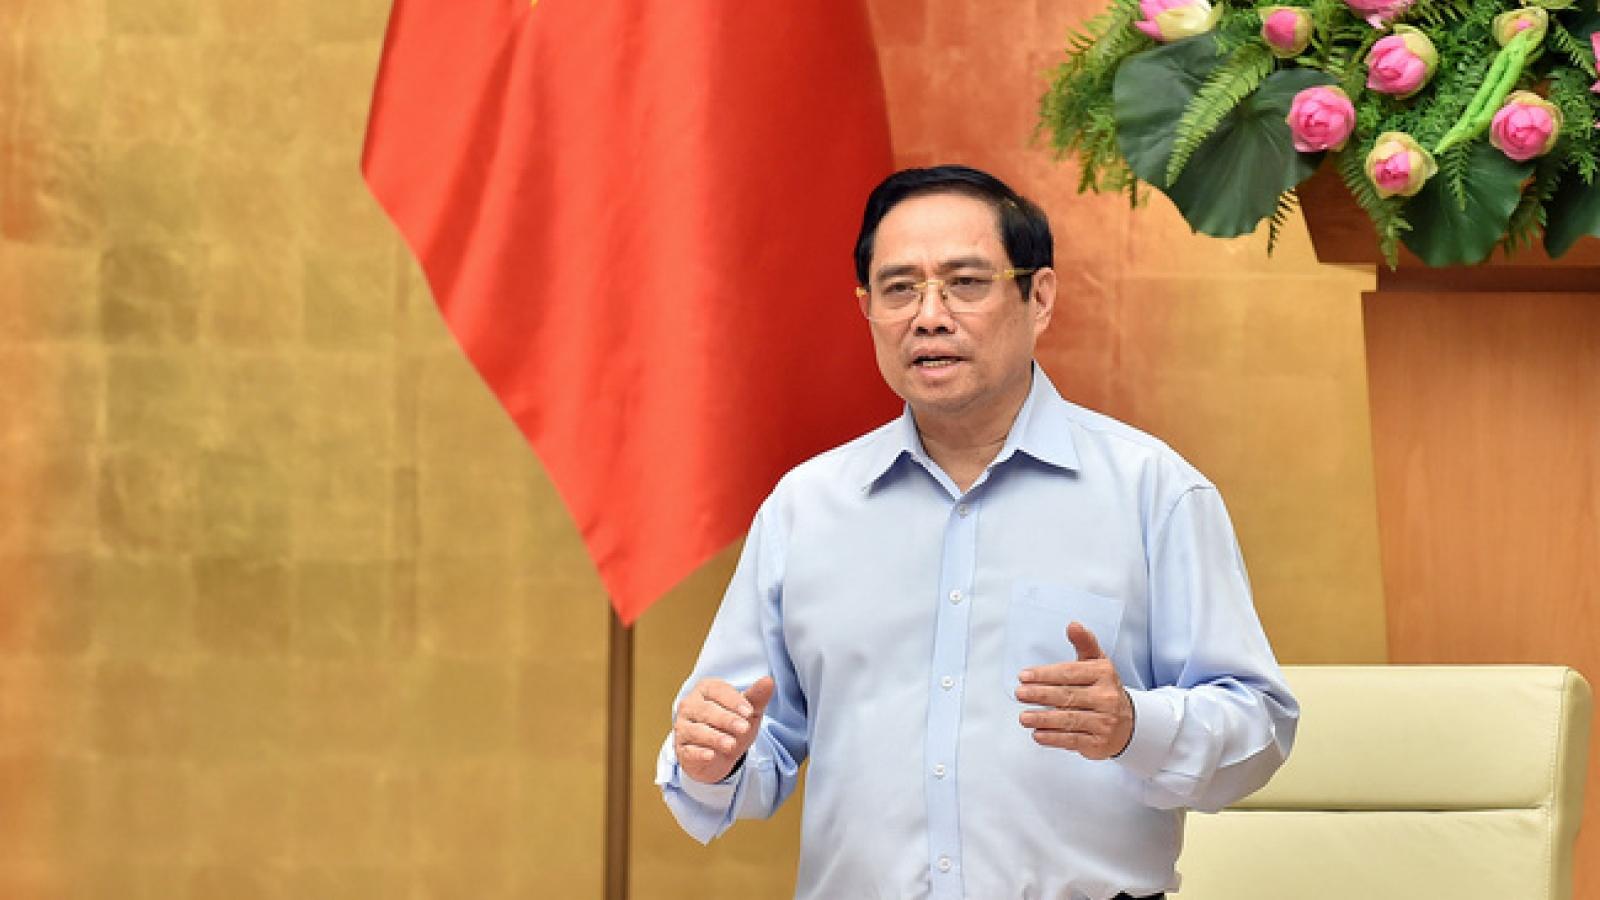 Thủ tướng yêu cầu Bình Dương và Bộ Y tế làm rõ vụ 5 bệnh viện từ chối tiếp nhận bệnh nhân